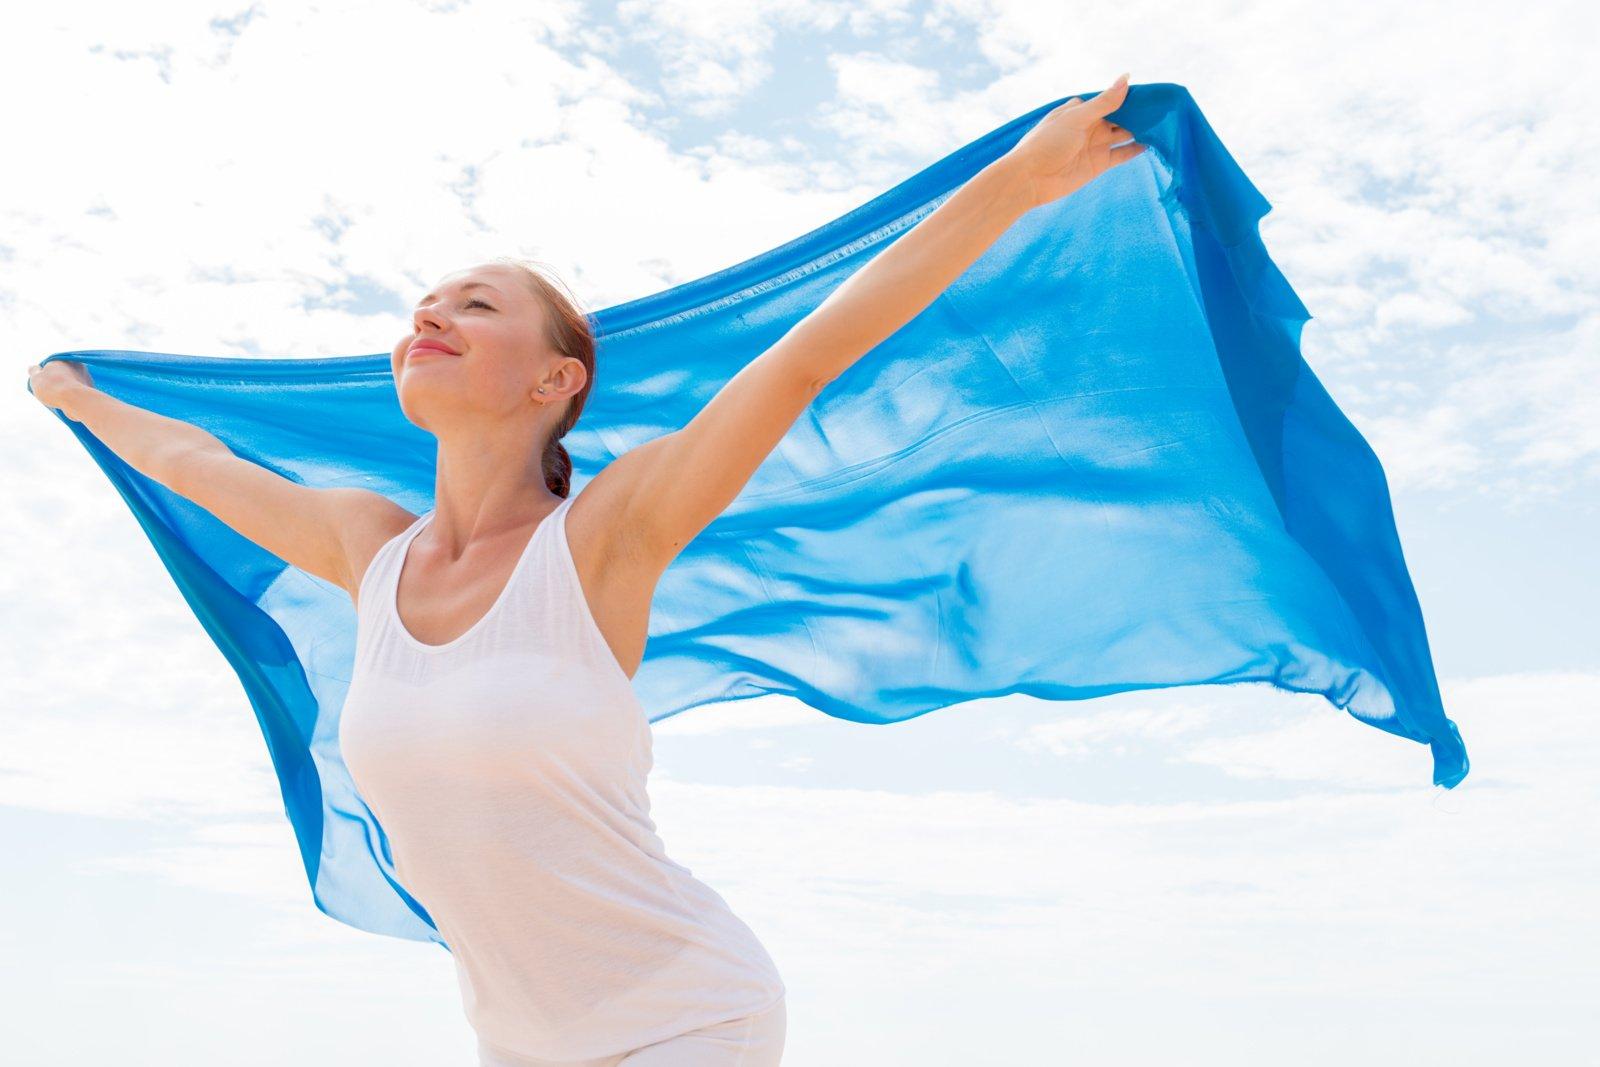 18 sveikatai naudingų įpročių, kurie pakeis jūsų gyvenimą